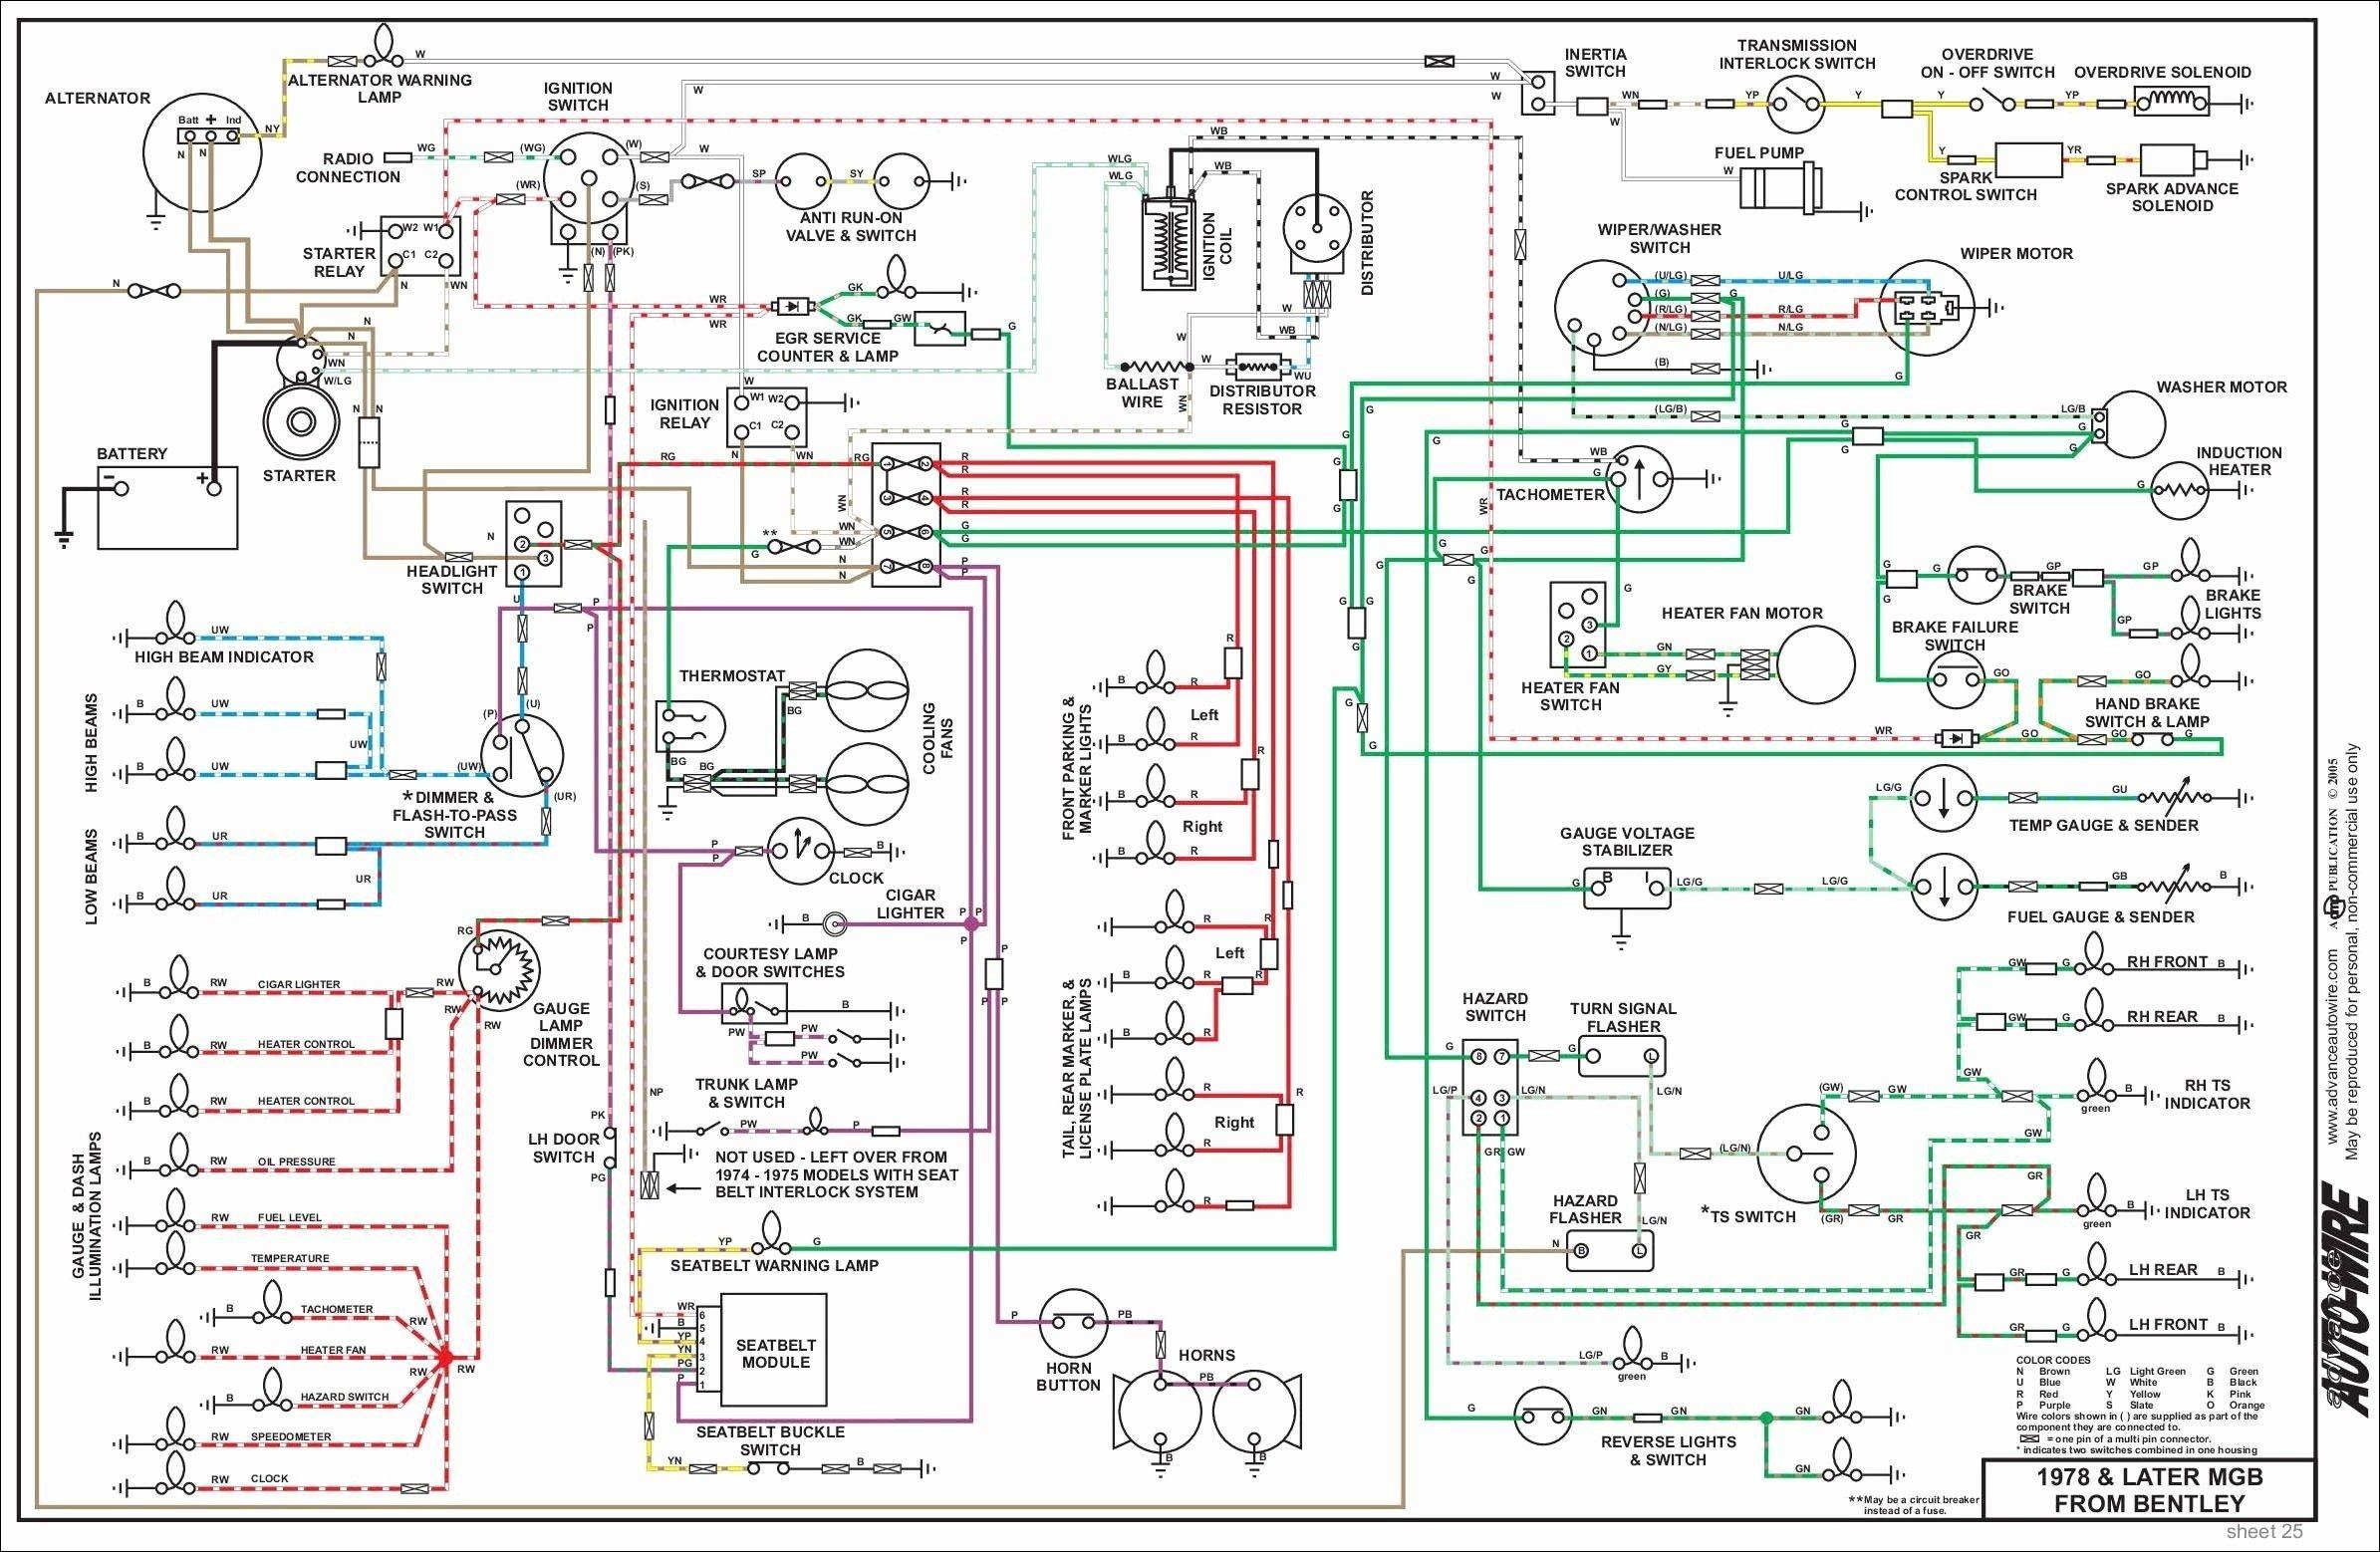 Blazer Tail Lights Wiring New Vans Aircraft Wiring Diagram Diagramsample Of Blazer Tail Lights Wiring